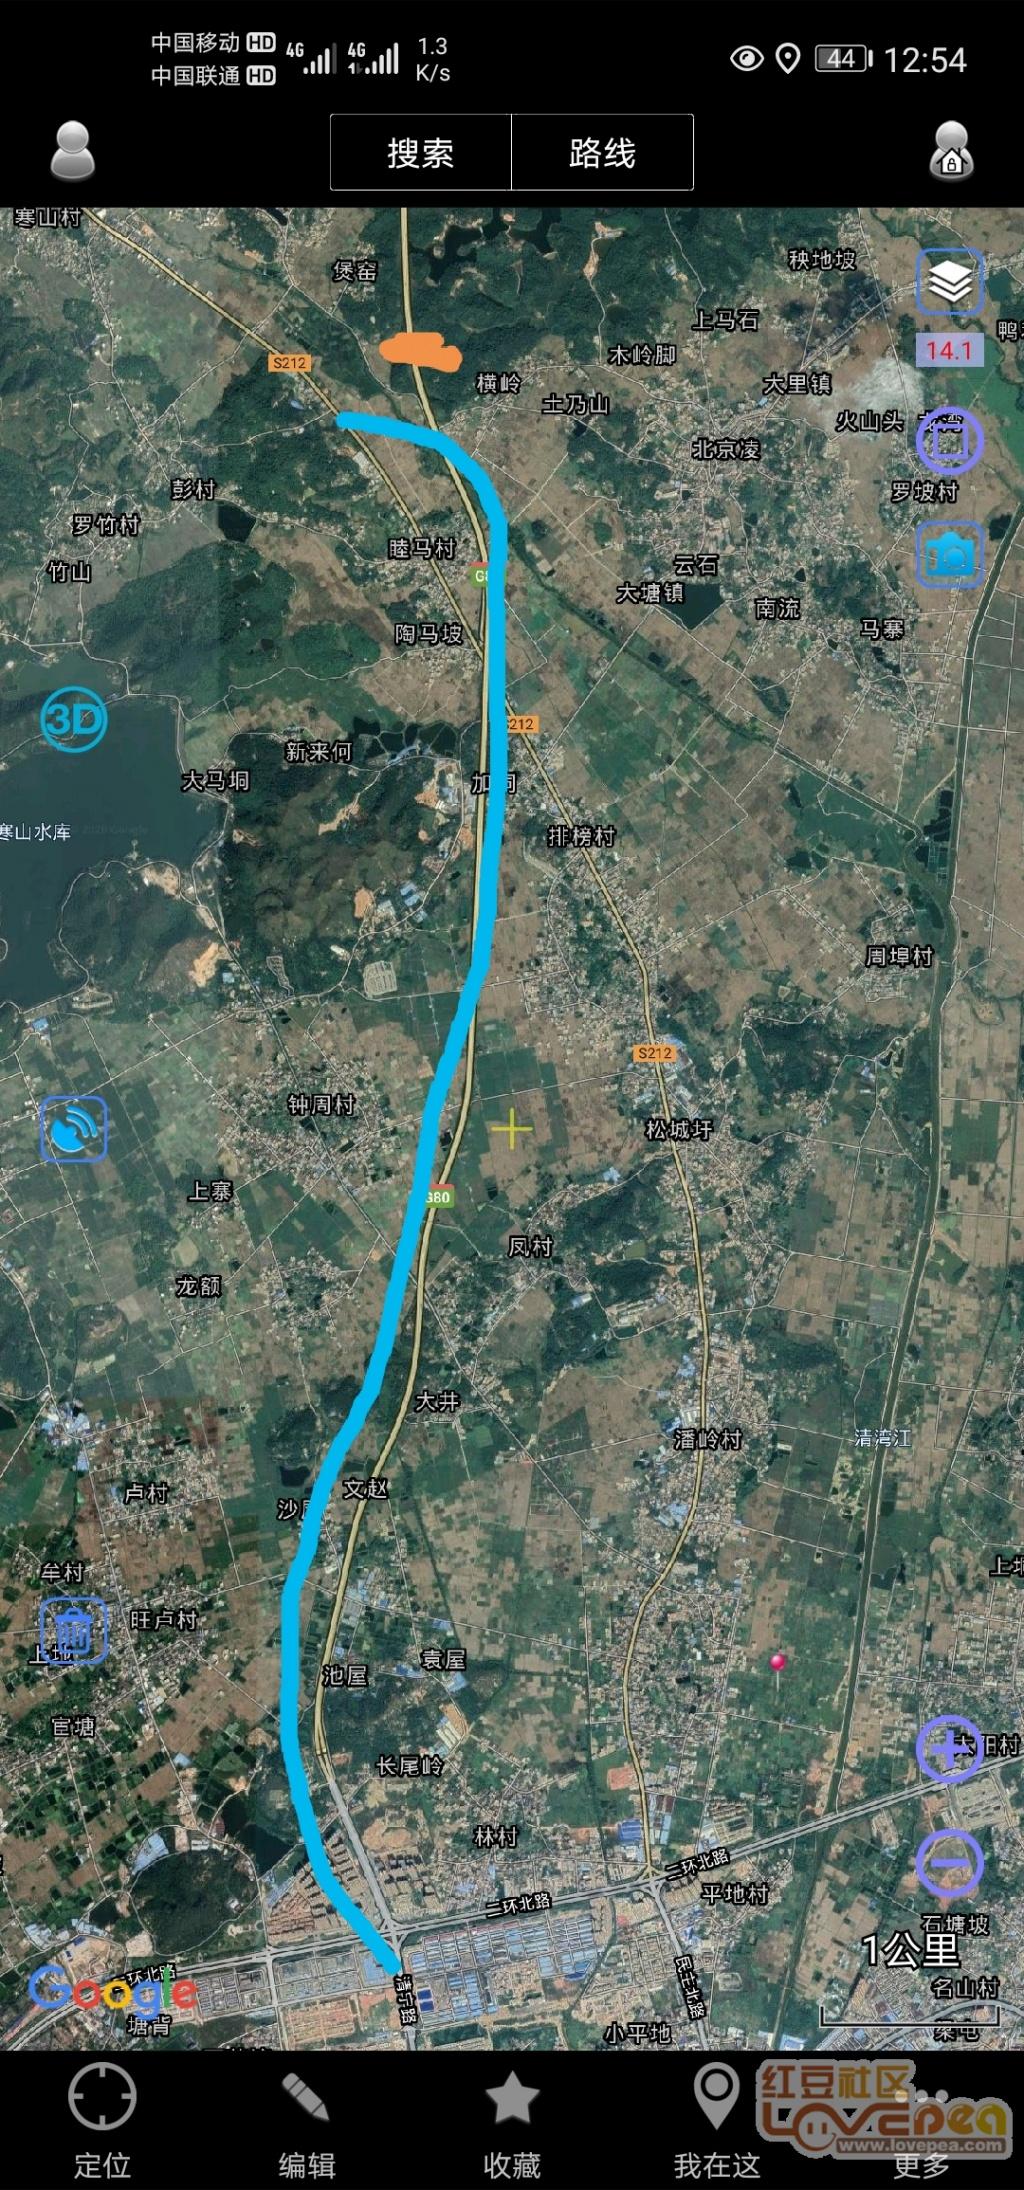 广西桂平市有多少人口_卫星图看 桂平市,广西第一人口大县 市 ,超过北海与防